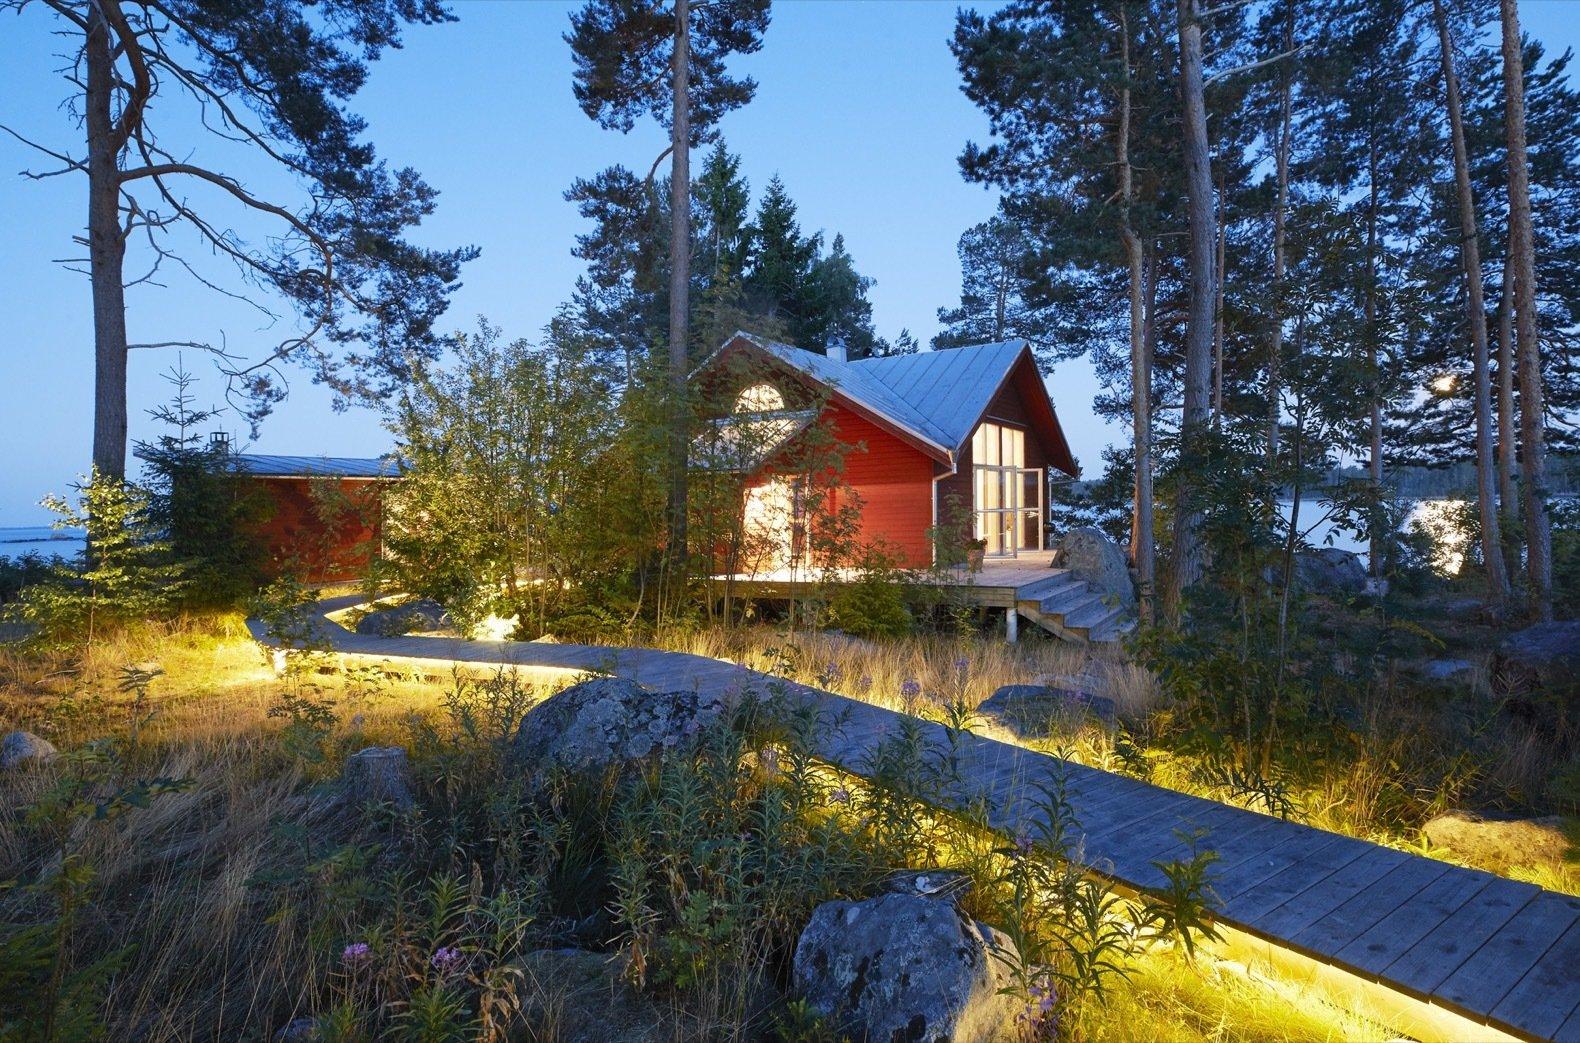 Gåsharsskäret island cabin exterior